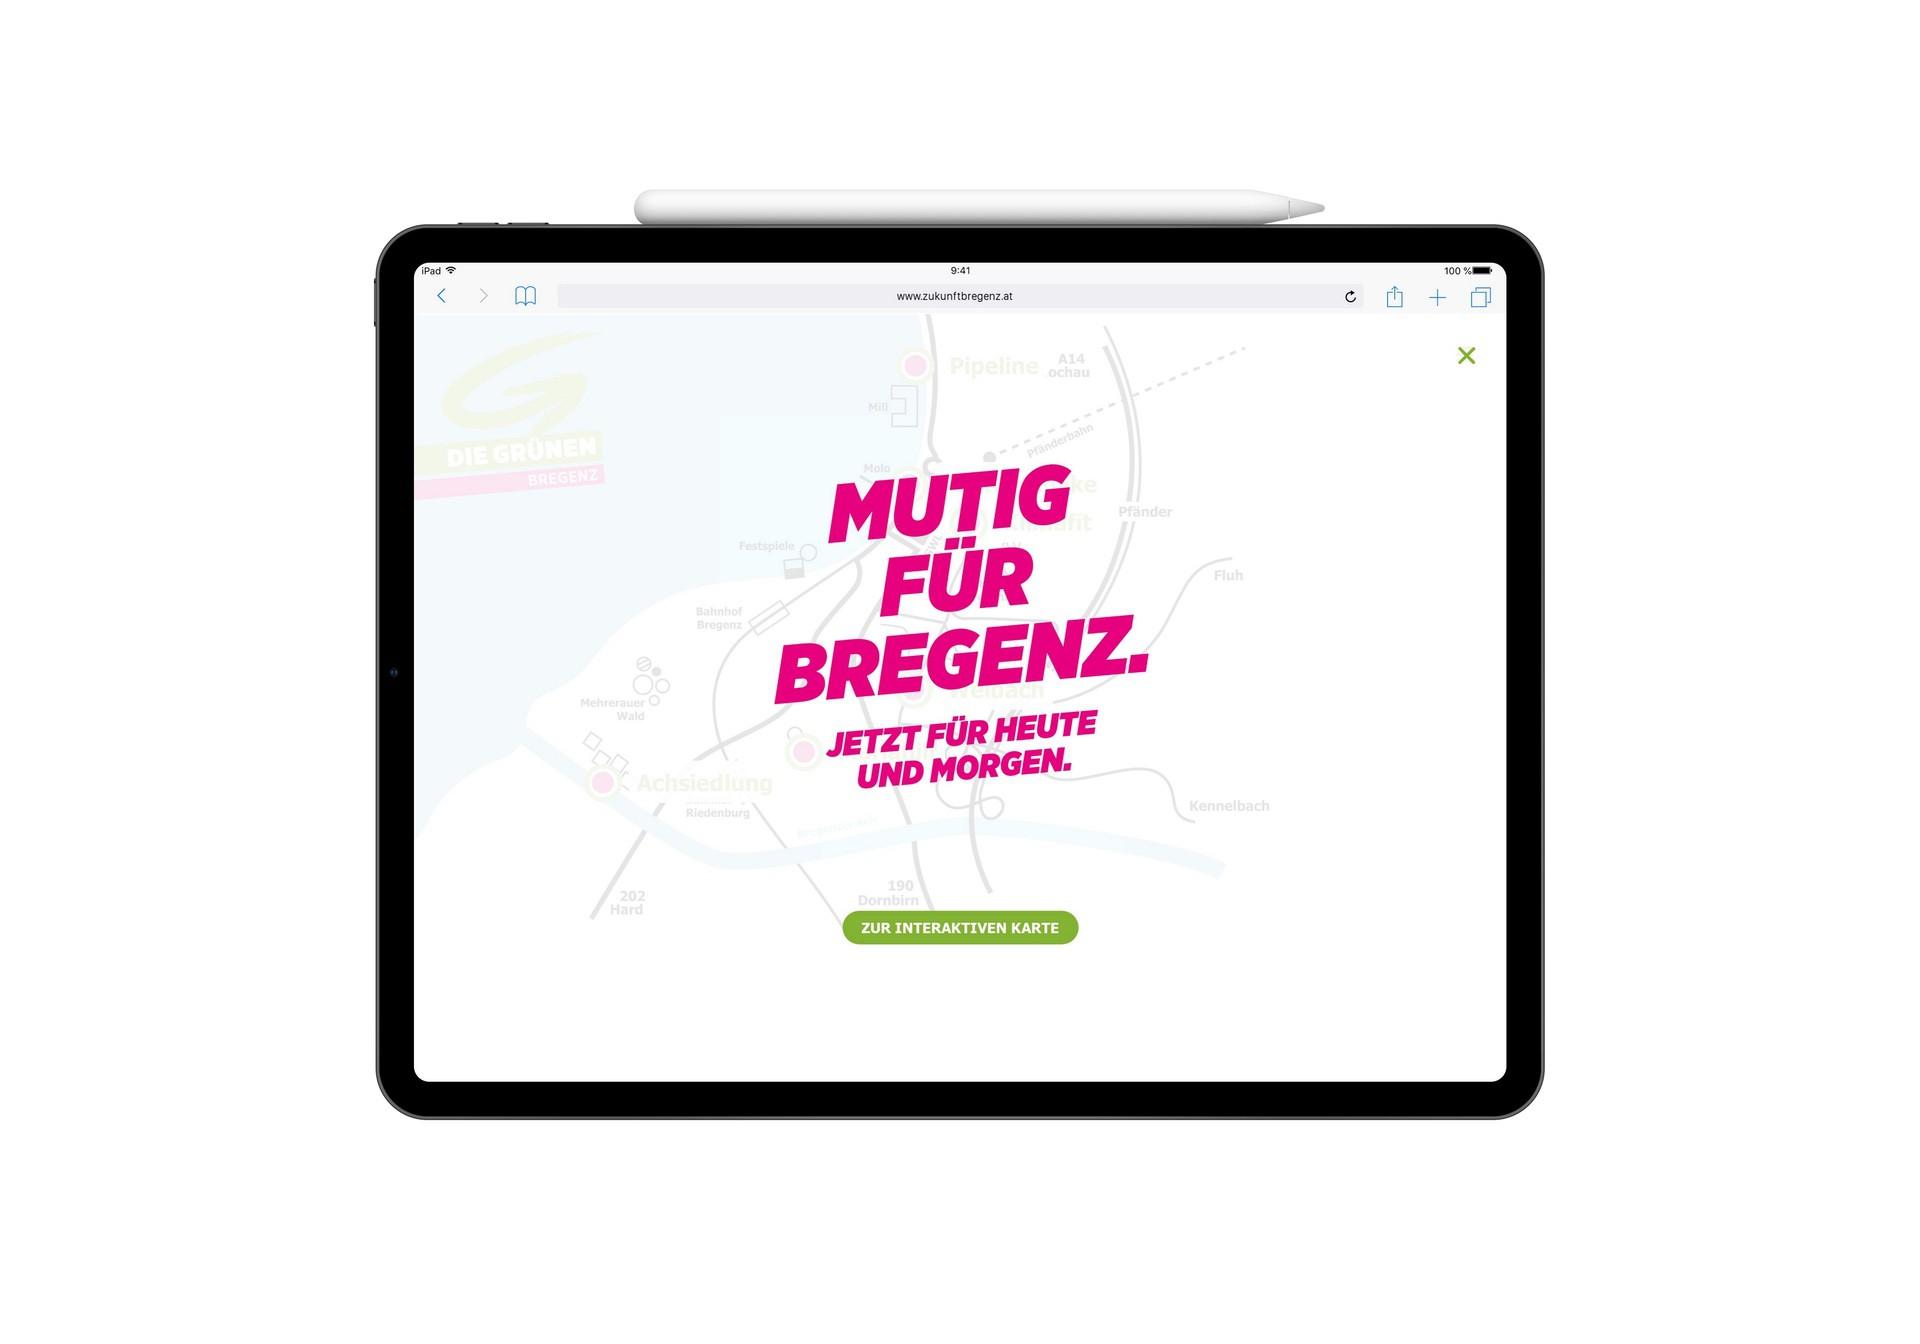 design-zu-wordpress-zukunft-bregenz